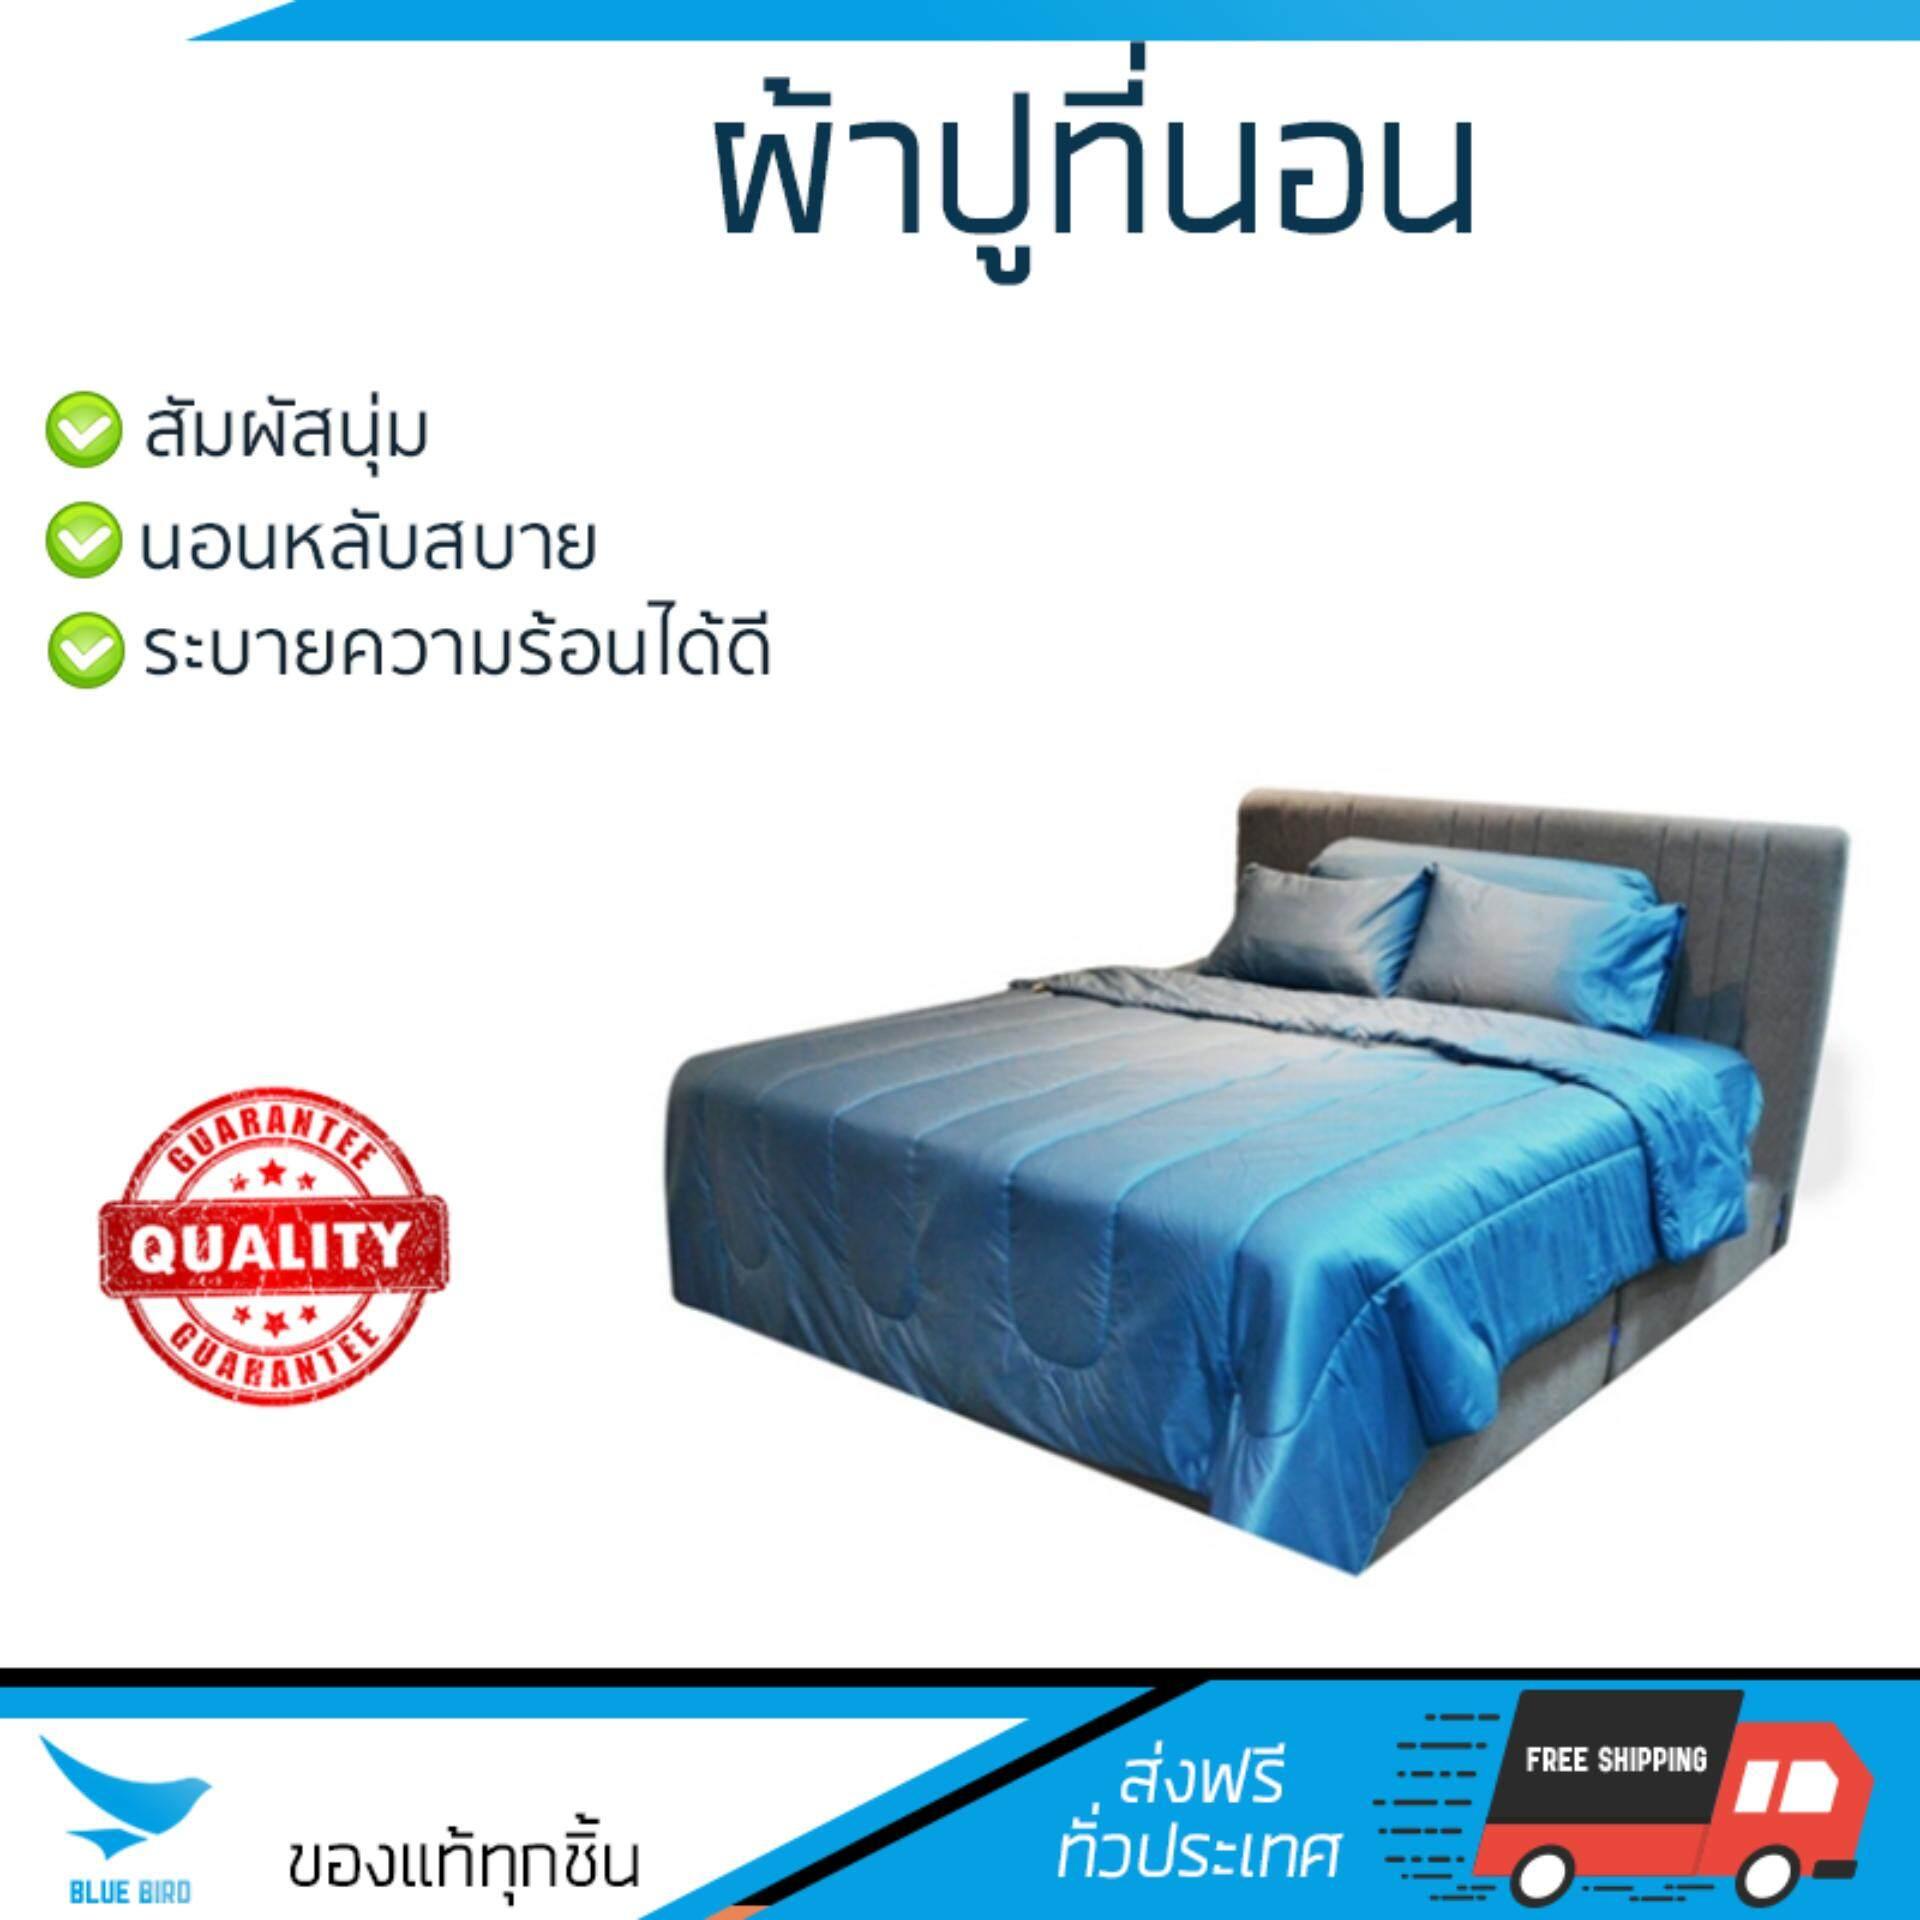 ผ้าปูที่นอน ผ้าปูที่นอนกันไรฝุ่น ผ้าปู Q5 HOME LIVING STYLE 375TC SHIN NAVY  HOME LIVING STYLE  ผ้าปูQ5HLS375TC SHIN N สัมผัสนุ่ม นอนหลับสบาย เส้นใยทอพิเศษ ระบายความร้อนได้ดี กันเชื้อราและแบคทีเรีย Bed Sheet Set จัดส่งฟรี Kerry ทั่วประเทศ